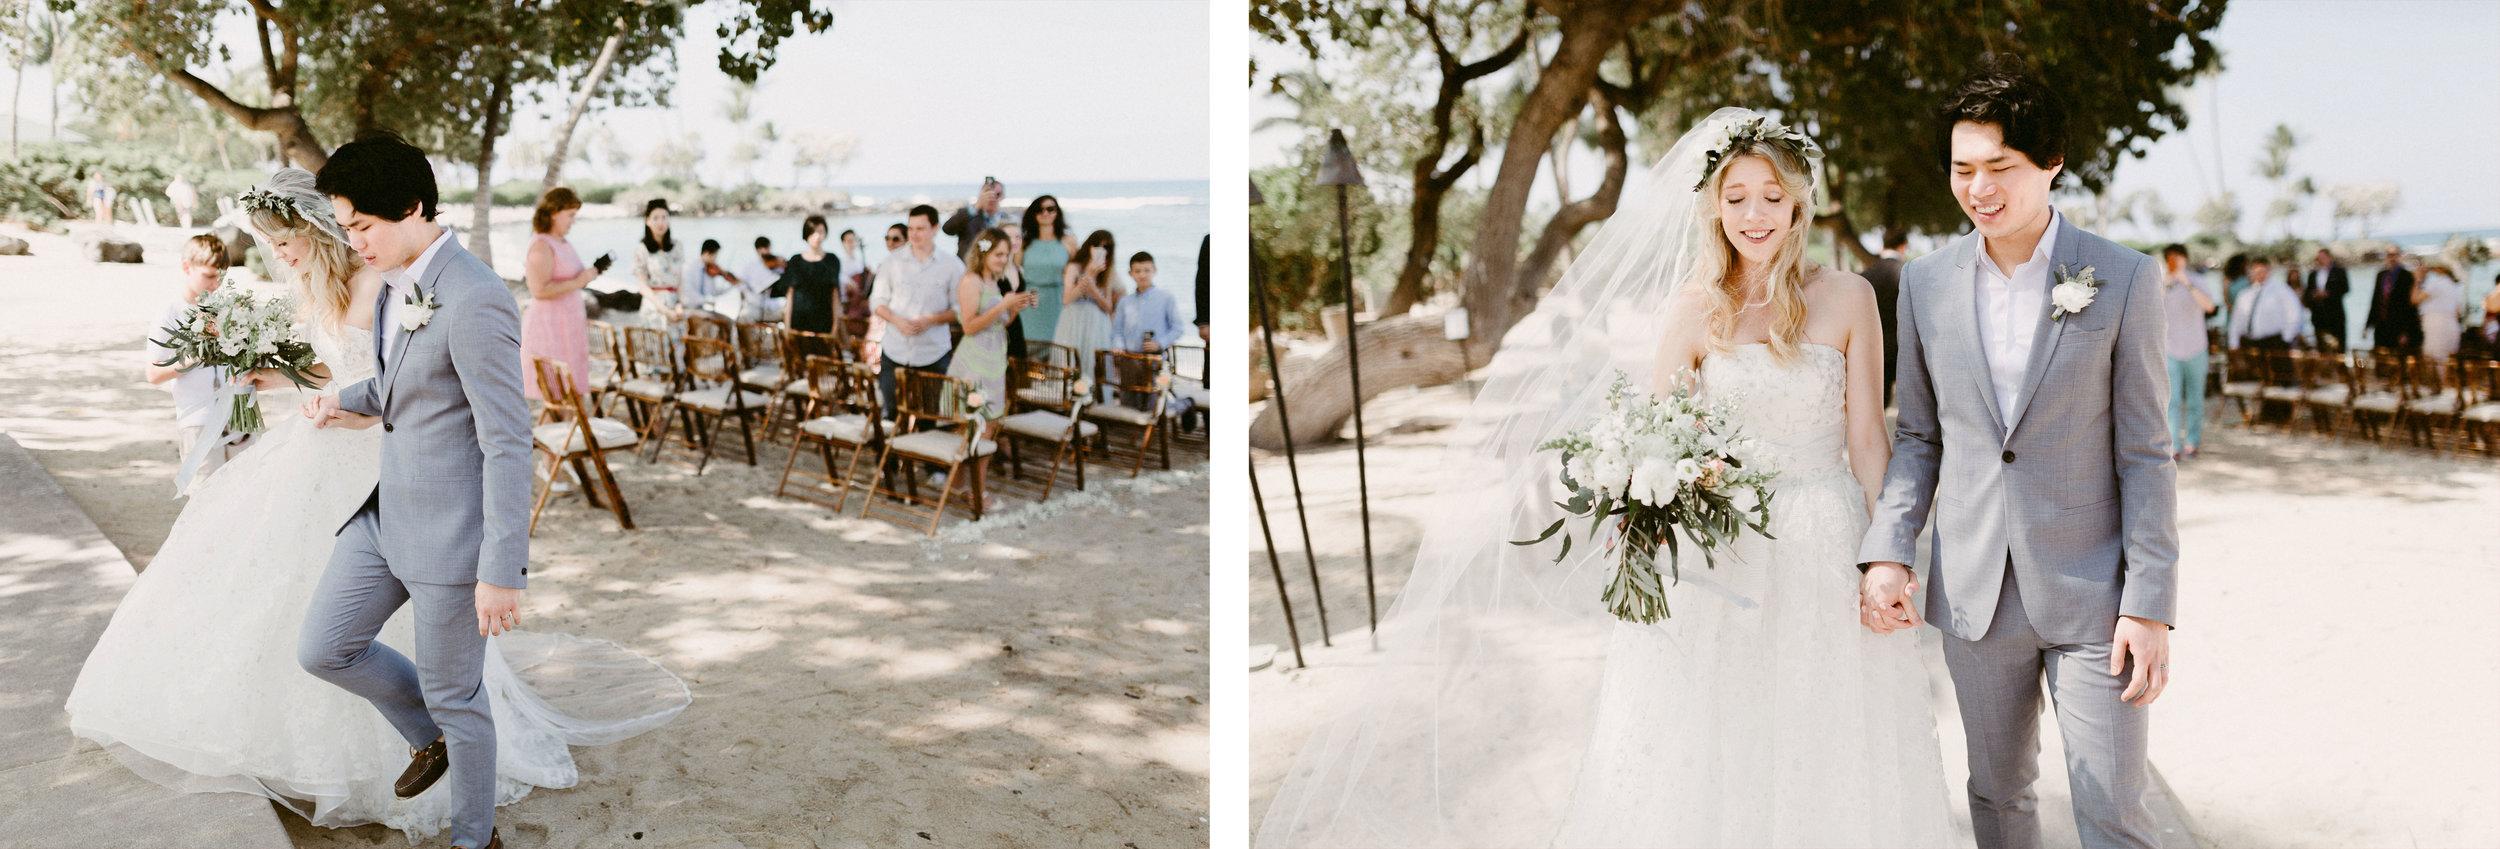 Kona Hawaii Wedding_15.jpg